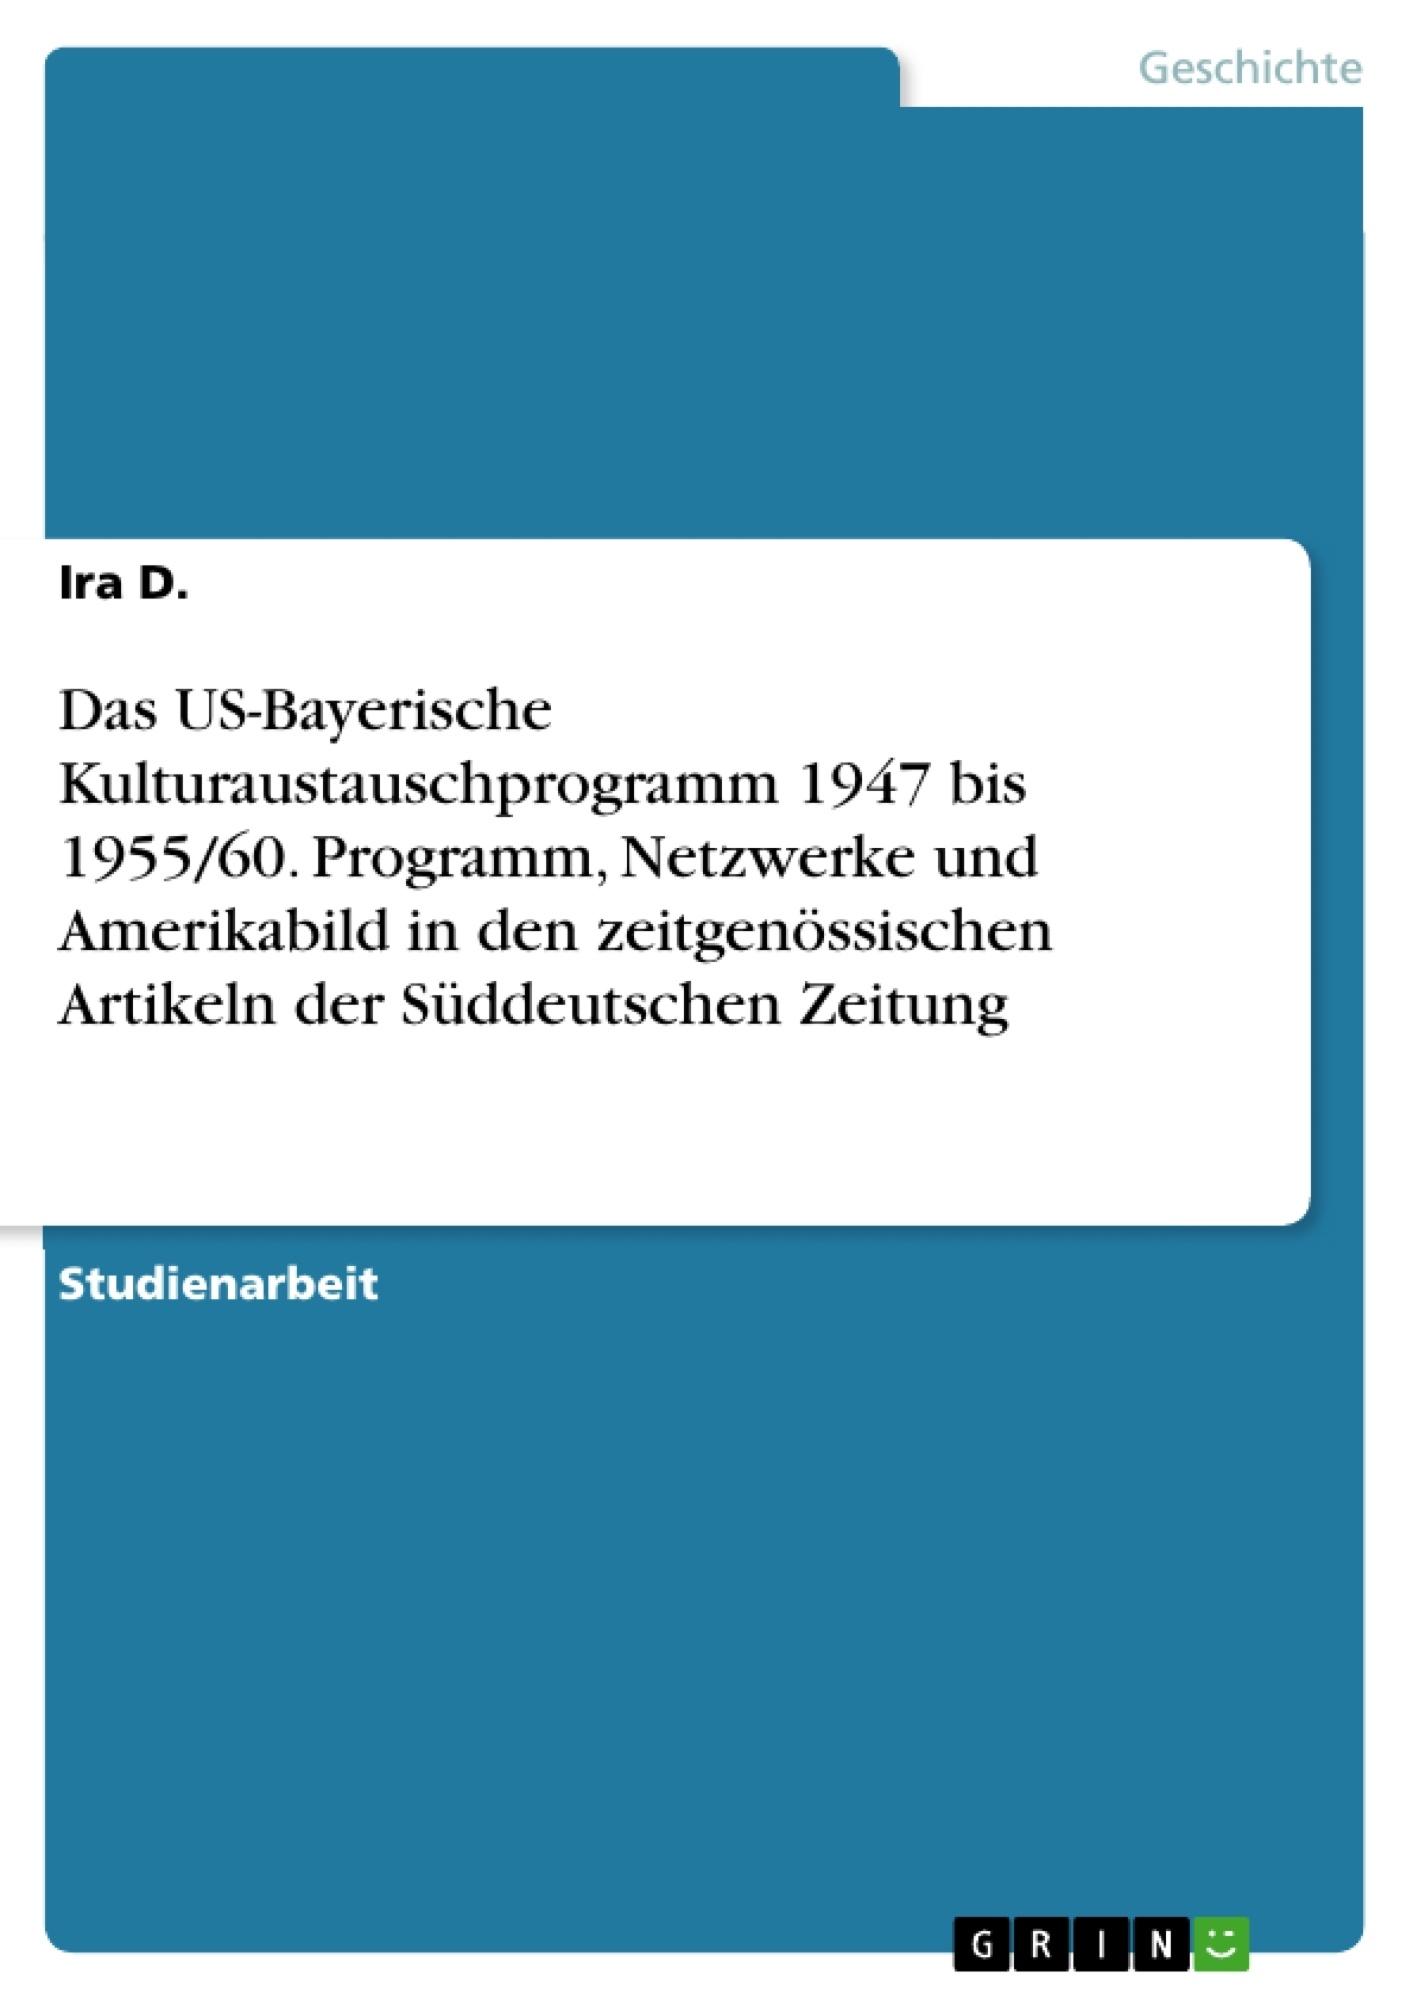 Titel: Das US-Bayerische Kulturaustauschprogramm 1947 bis 1955/60. Programm, Netzwerke und Amerikabild in den zeitgenössischen Artikeln der Süddeutschen Zeitung